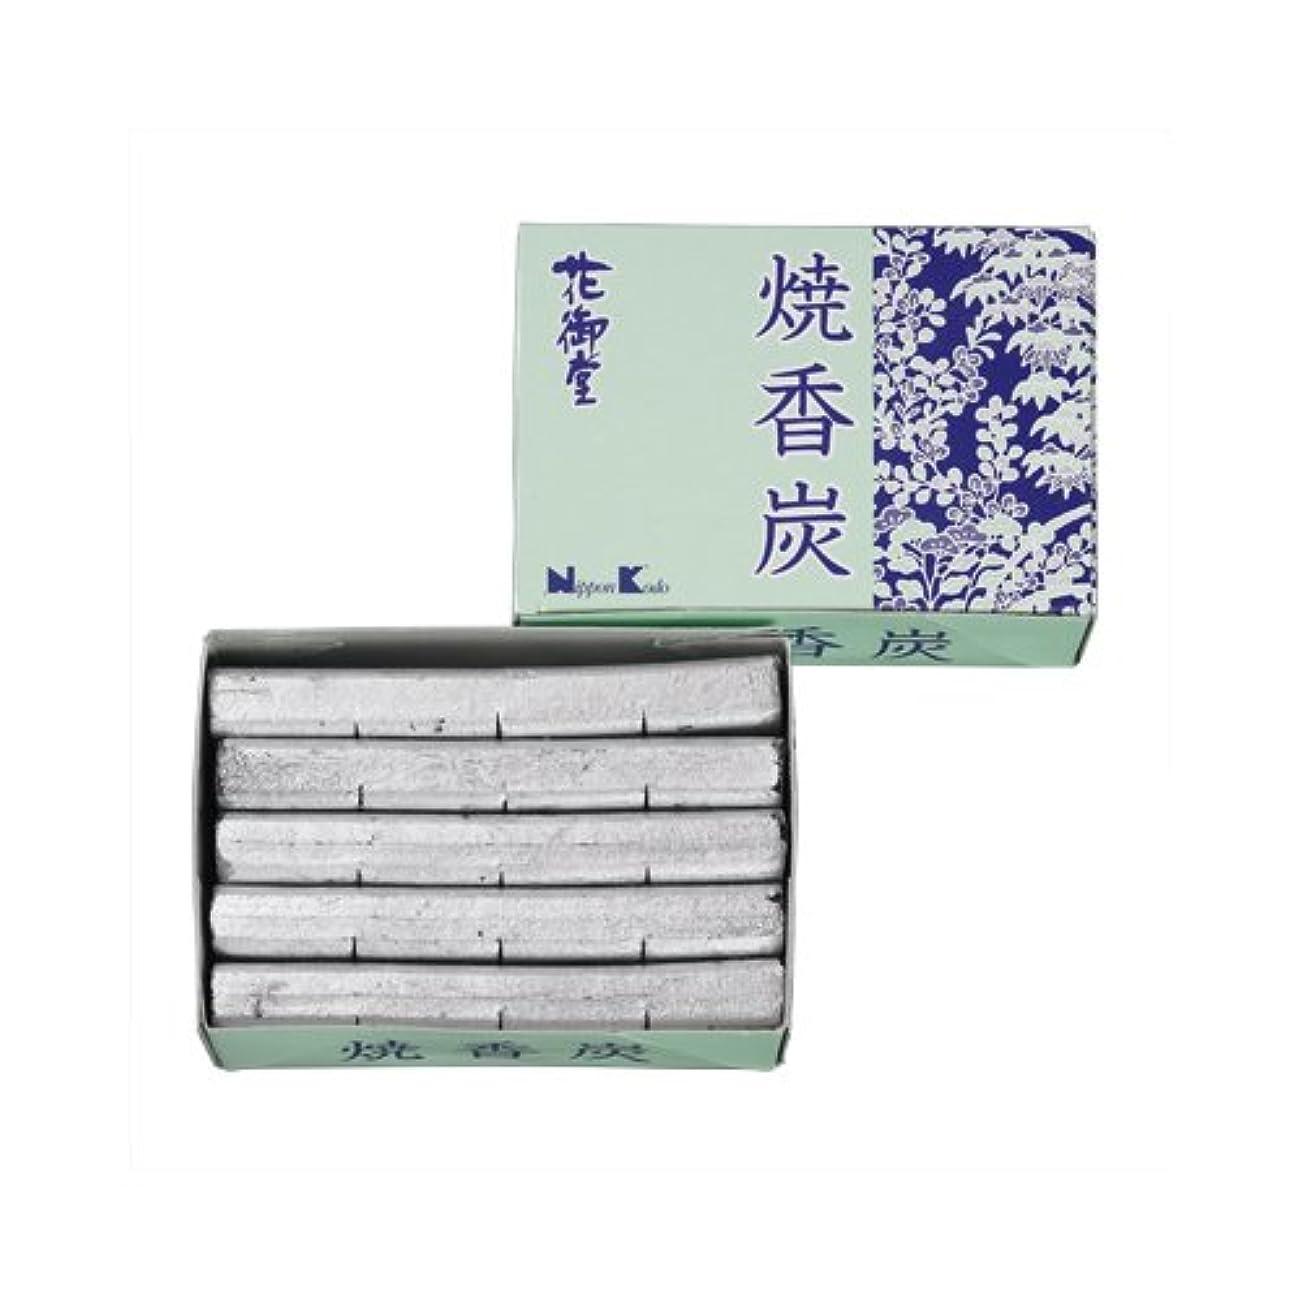 お香健康集団花御堂 焼香炭 #92011